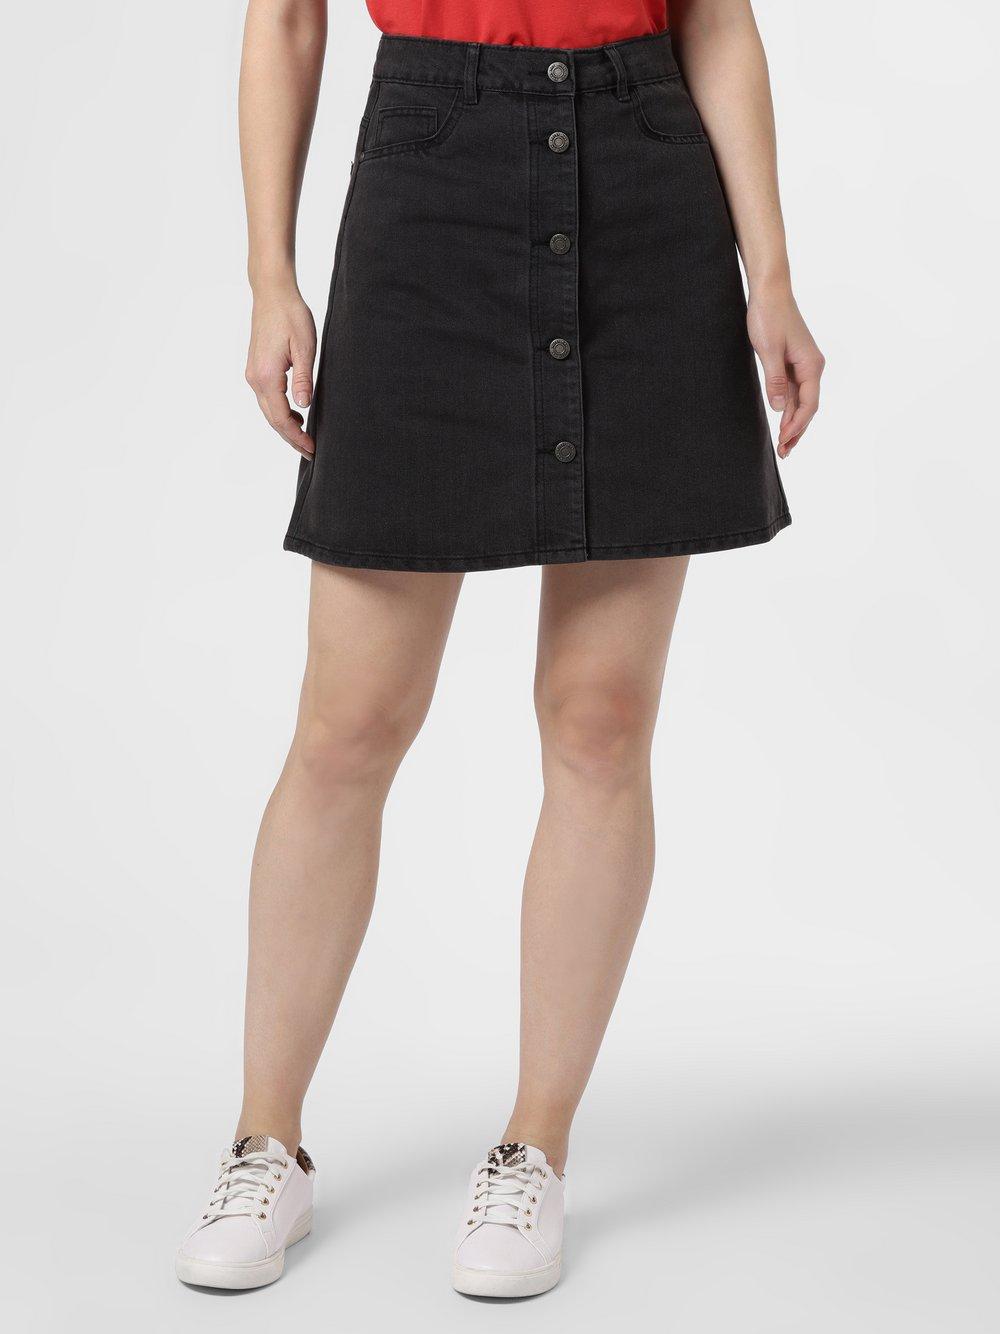 Noisy May - Jeansowa spódnica damska – Sunny, czarny